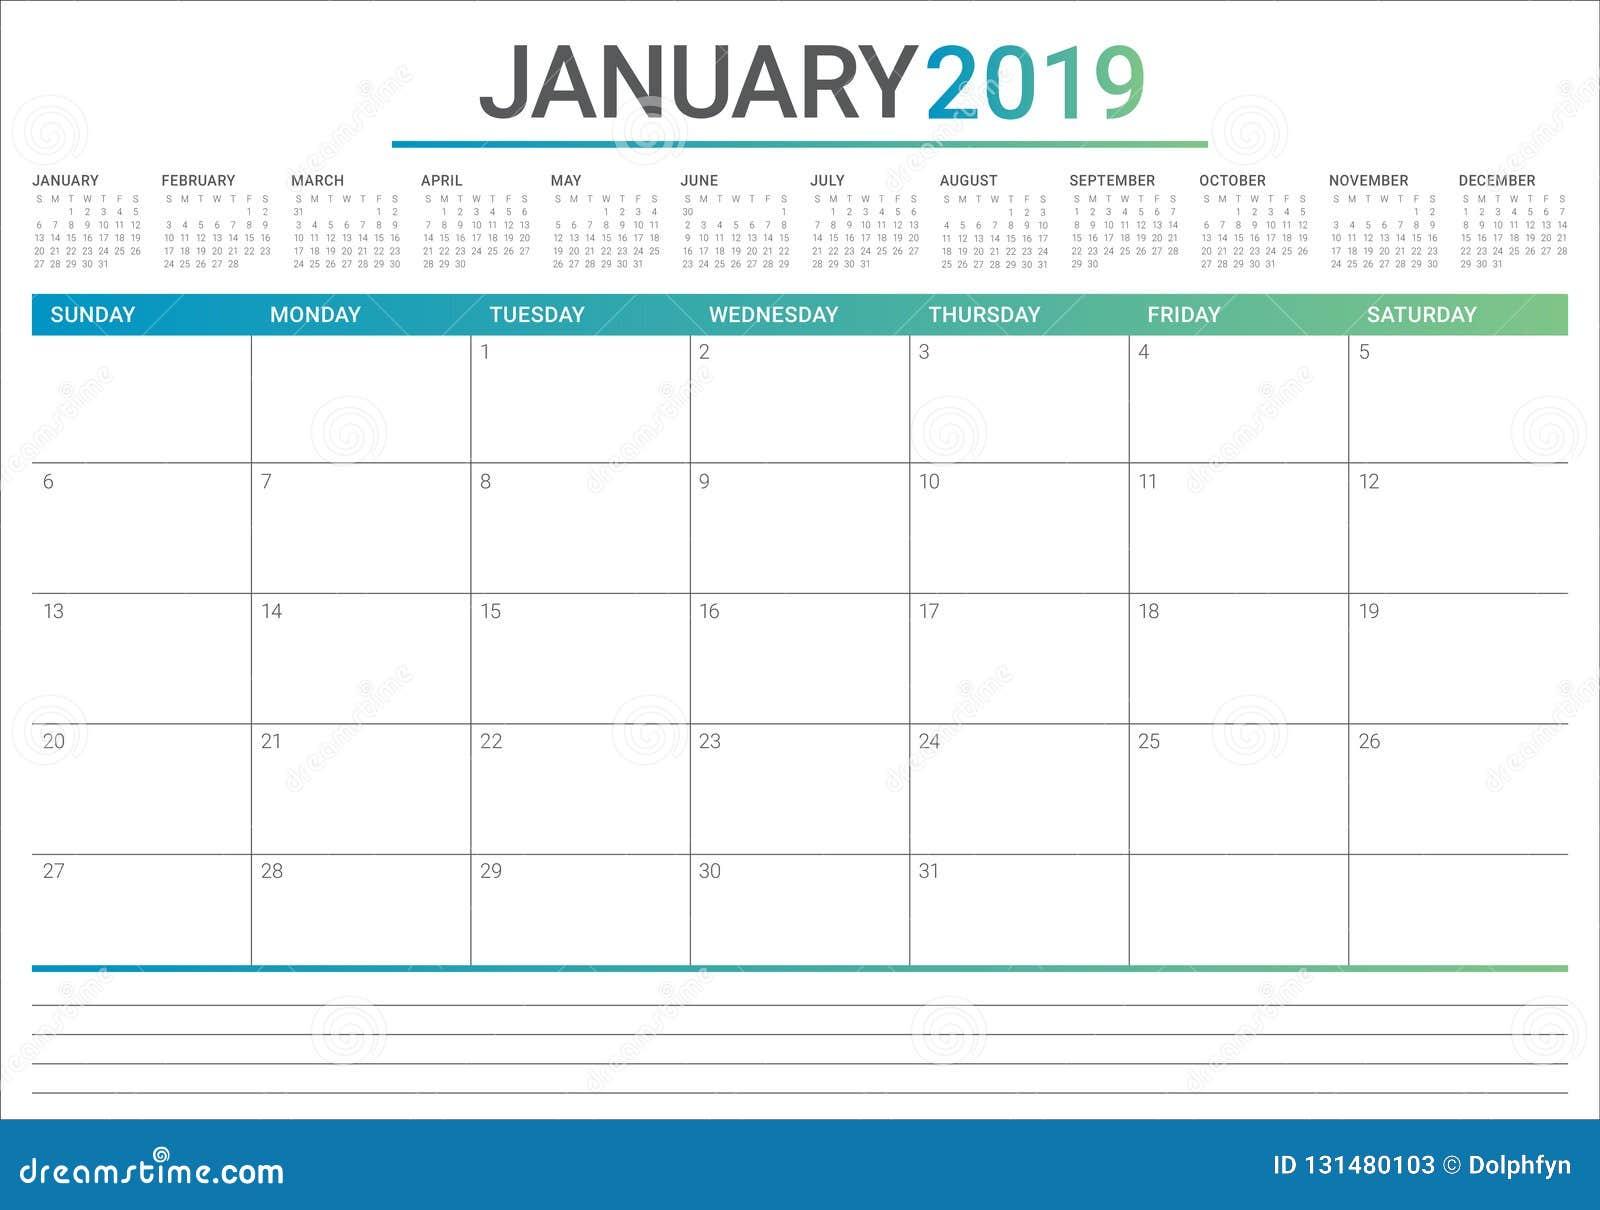 Projeto em janeiro de 2019 de mesa do calendário do vetor da ilustração, o simples e o limpo